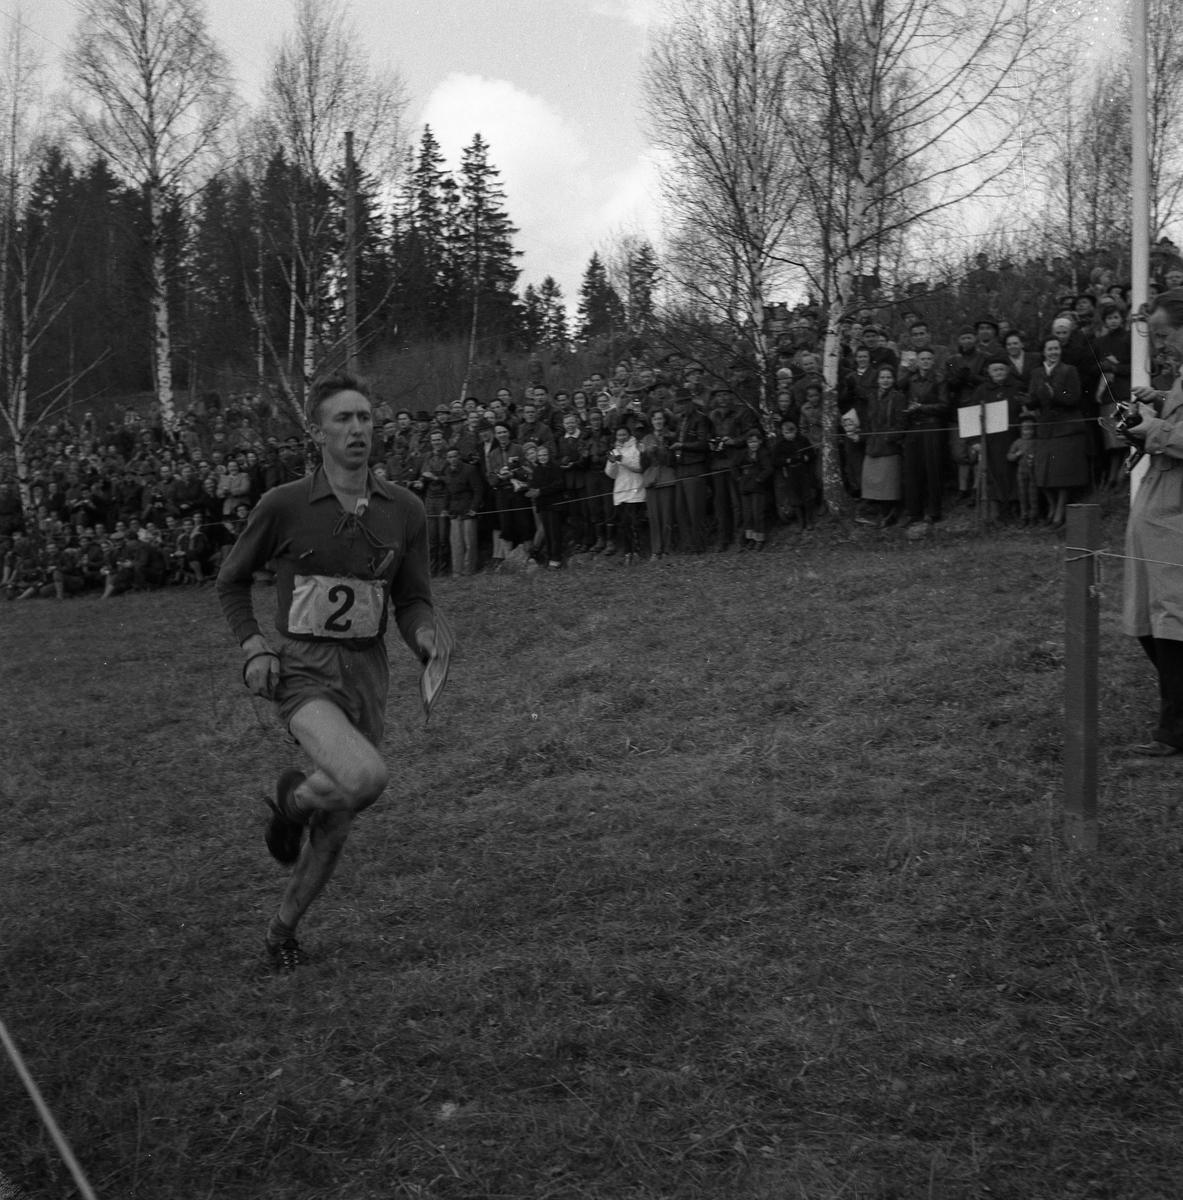 """Lennart Öberg springer sista sträckan på tiomilaorienteringen och Arboga Orienteringsklubb vinner inför en stor publik. april 1953  Start: Malmköping. Mål: Bränninge, Södertälje.  Bilder, från detta tillfälle, finns i Reinhold Carlssons bok """"Arboga objektivt sett""""."""